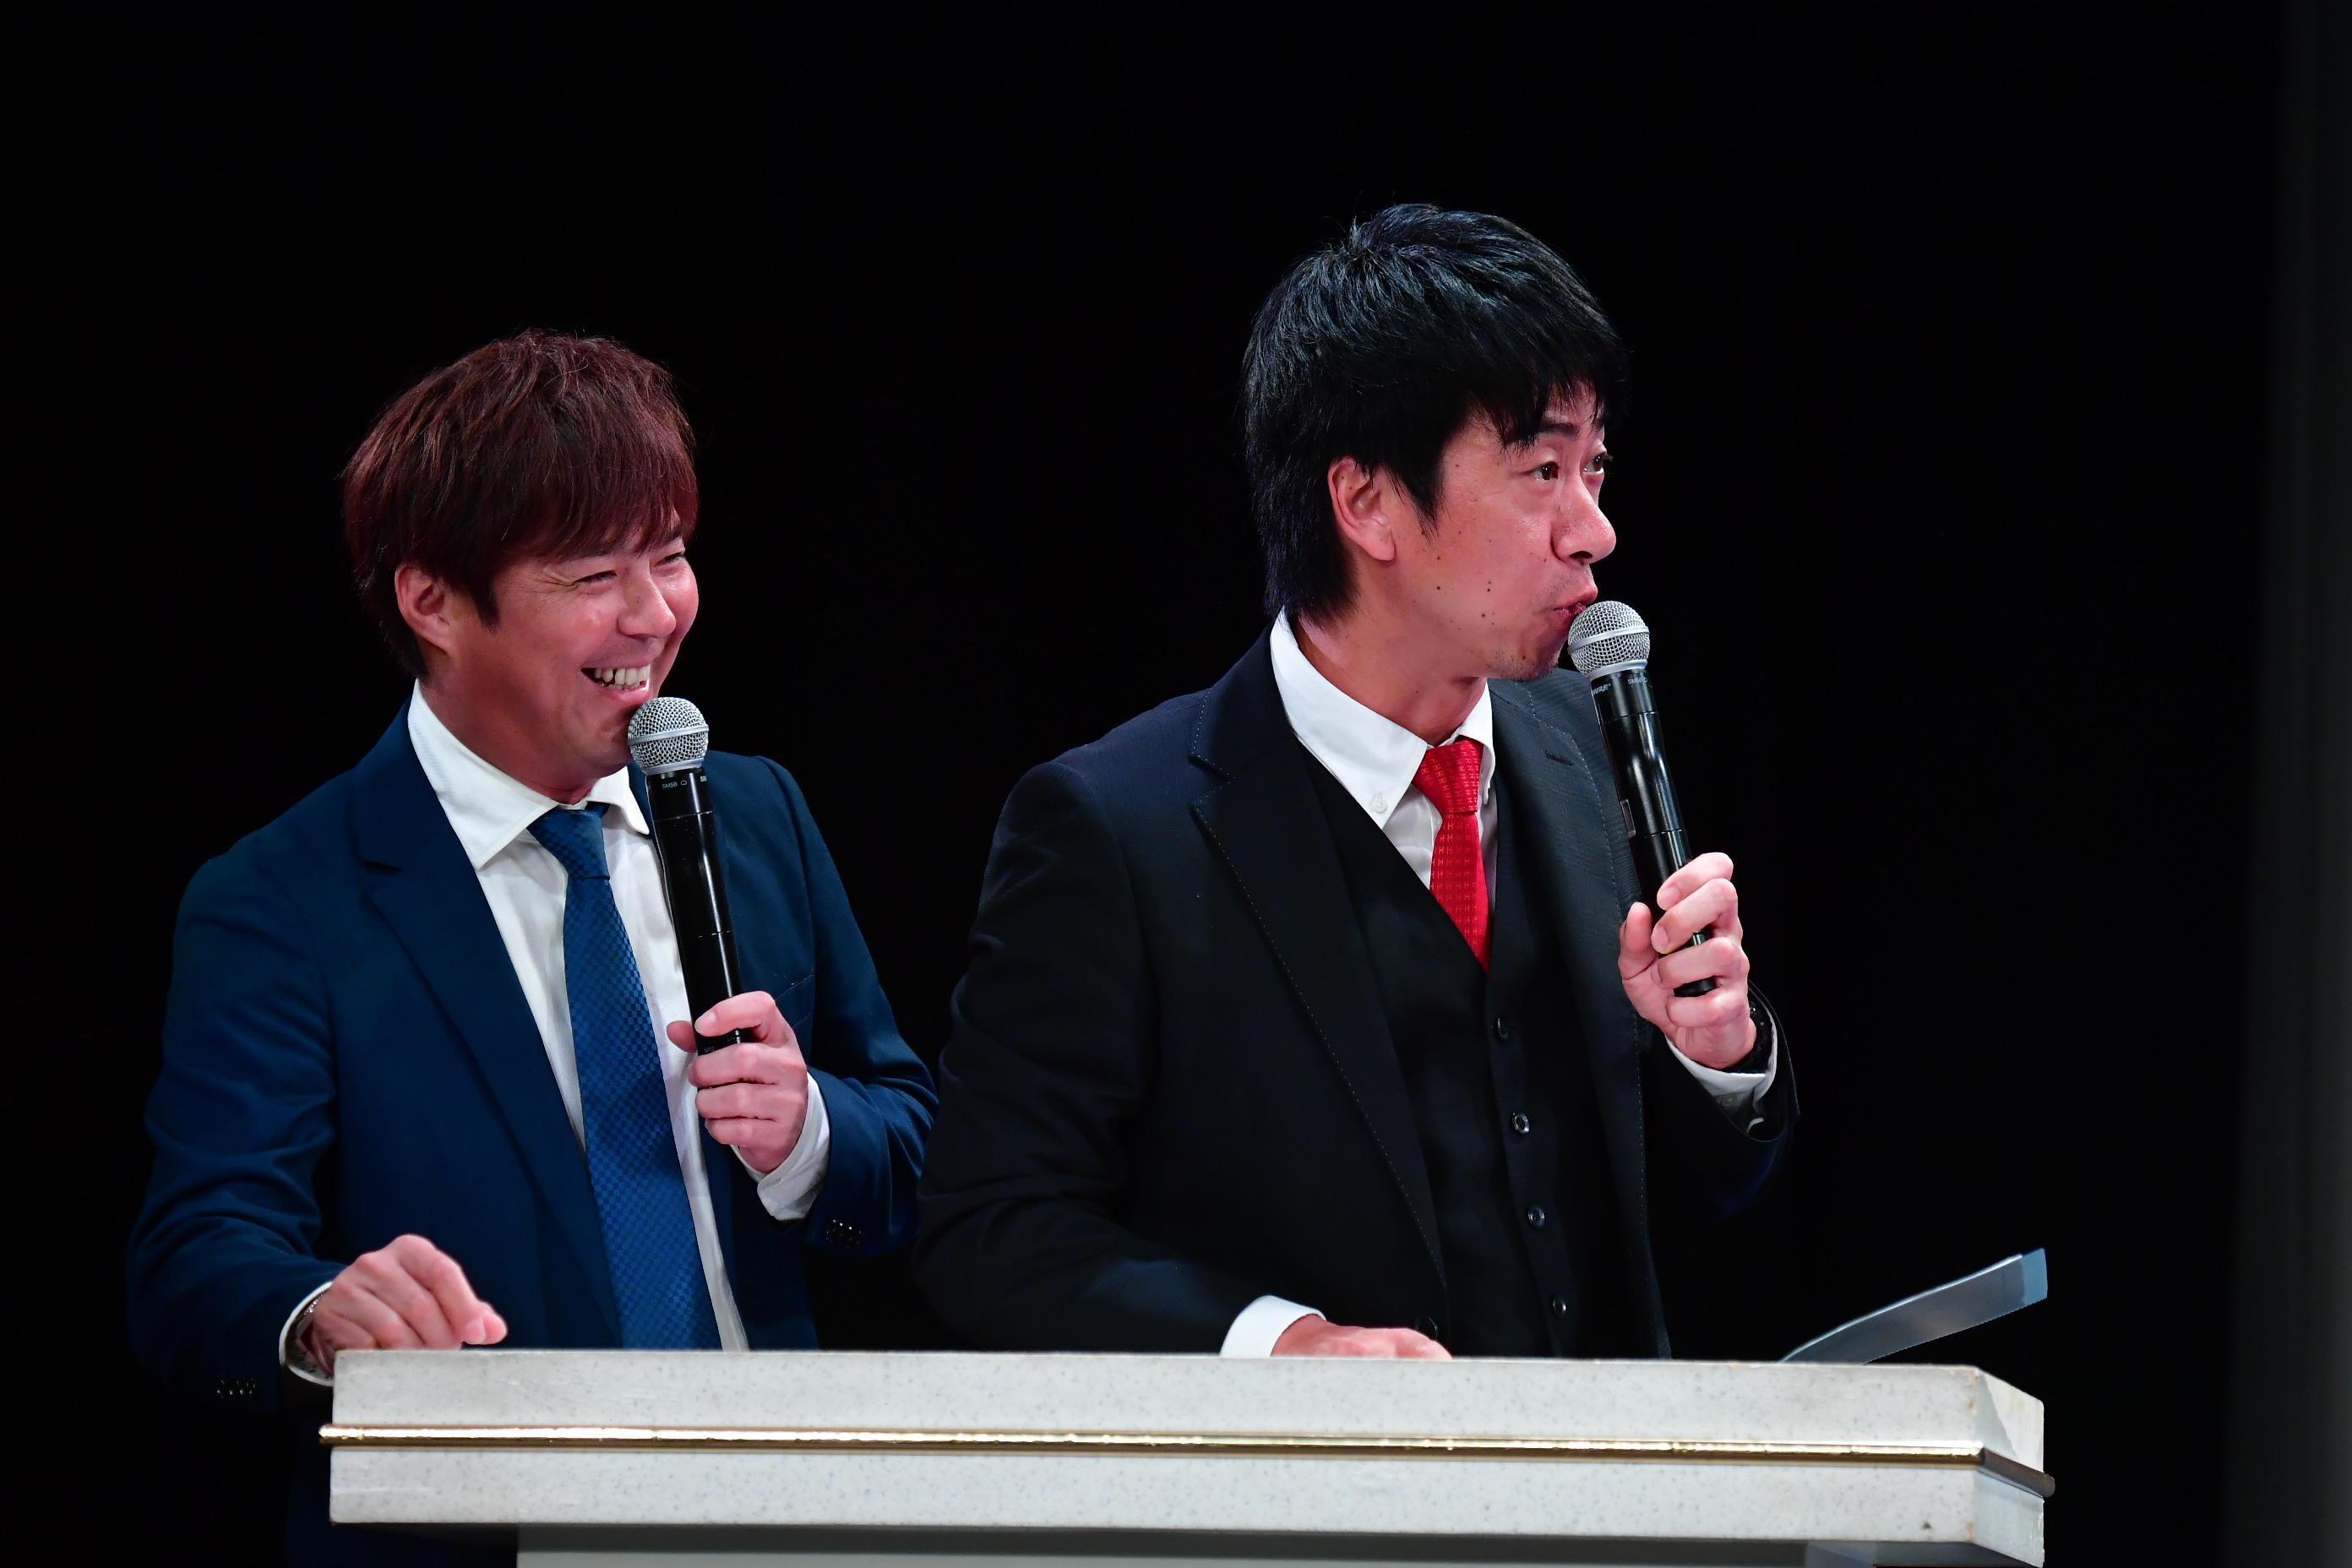 http://news.yoshimoto.co.jp/20180627221238-0805daacdfe052db93bcd2502b56c54eb7b7acc6.jpg